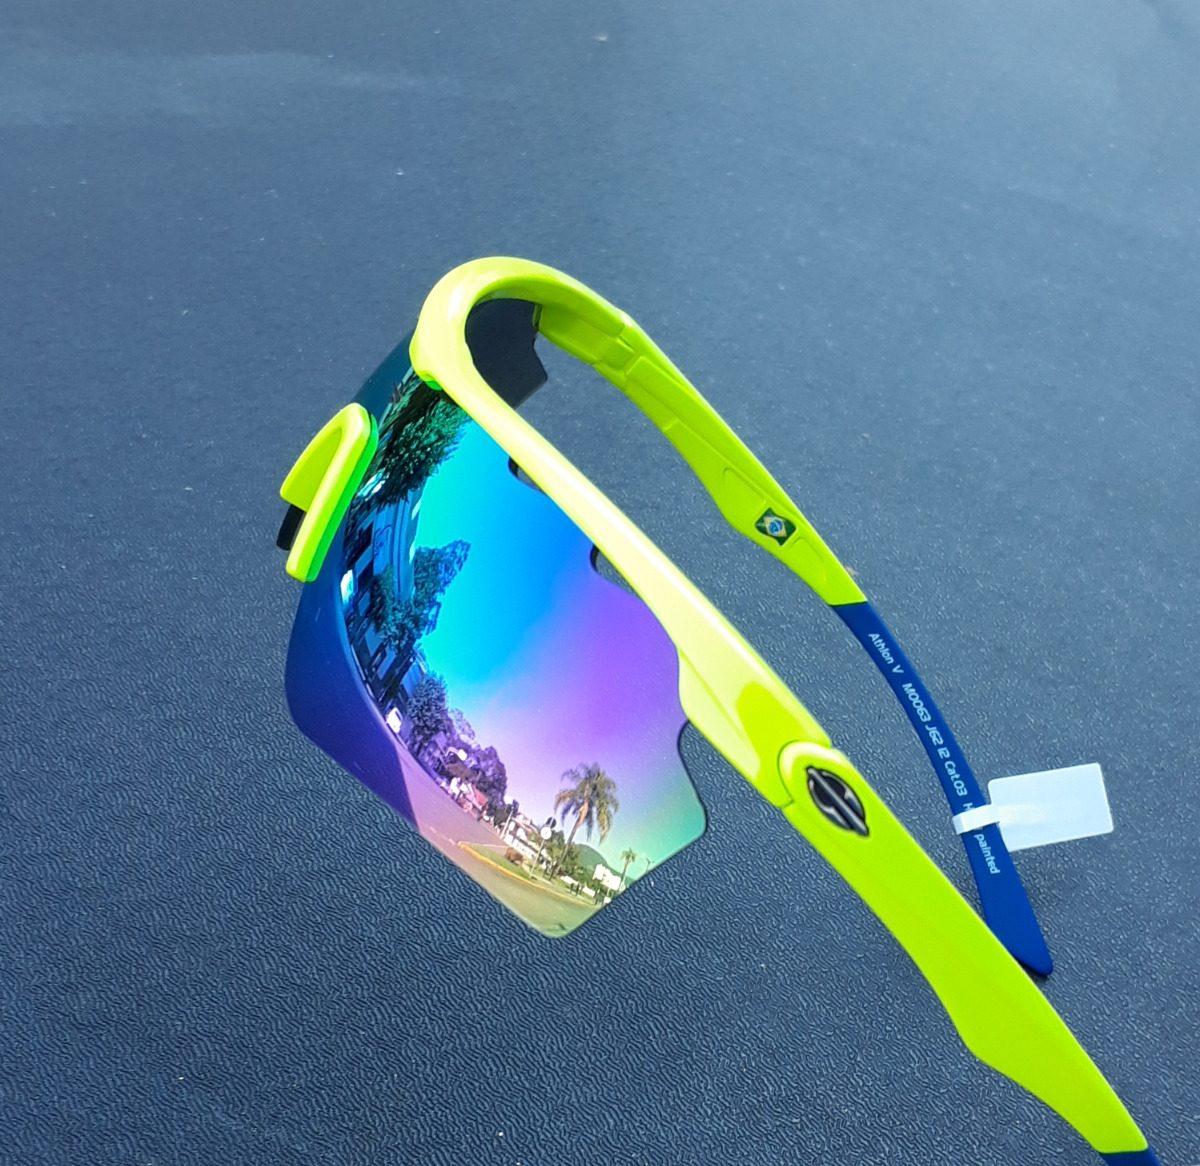 ad62fb5f3b576 Carregando zoom... óculos sol solar mormaii athlon 5 amarelo azul ciclismo  v 4